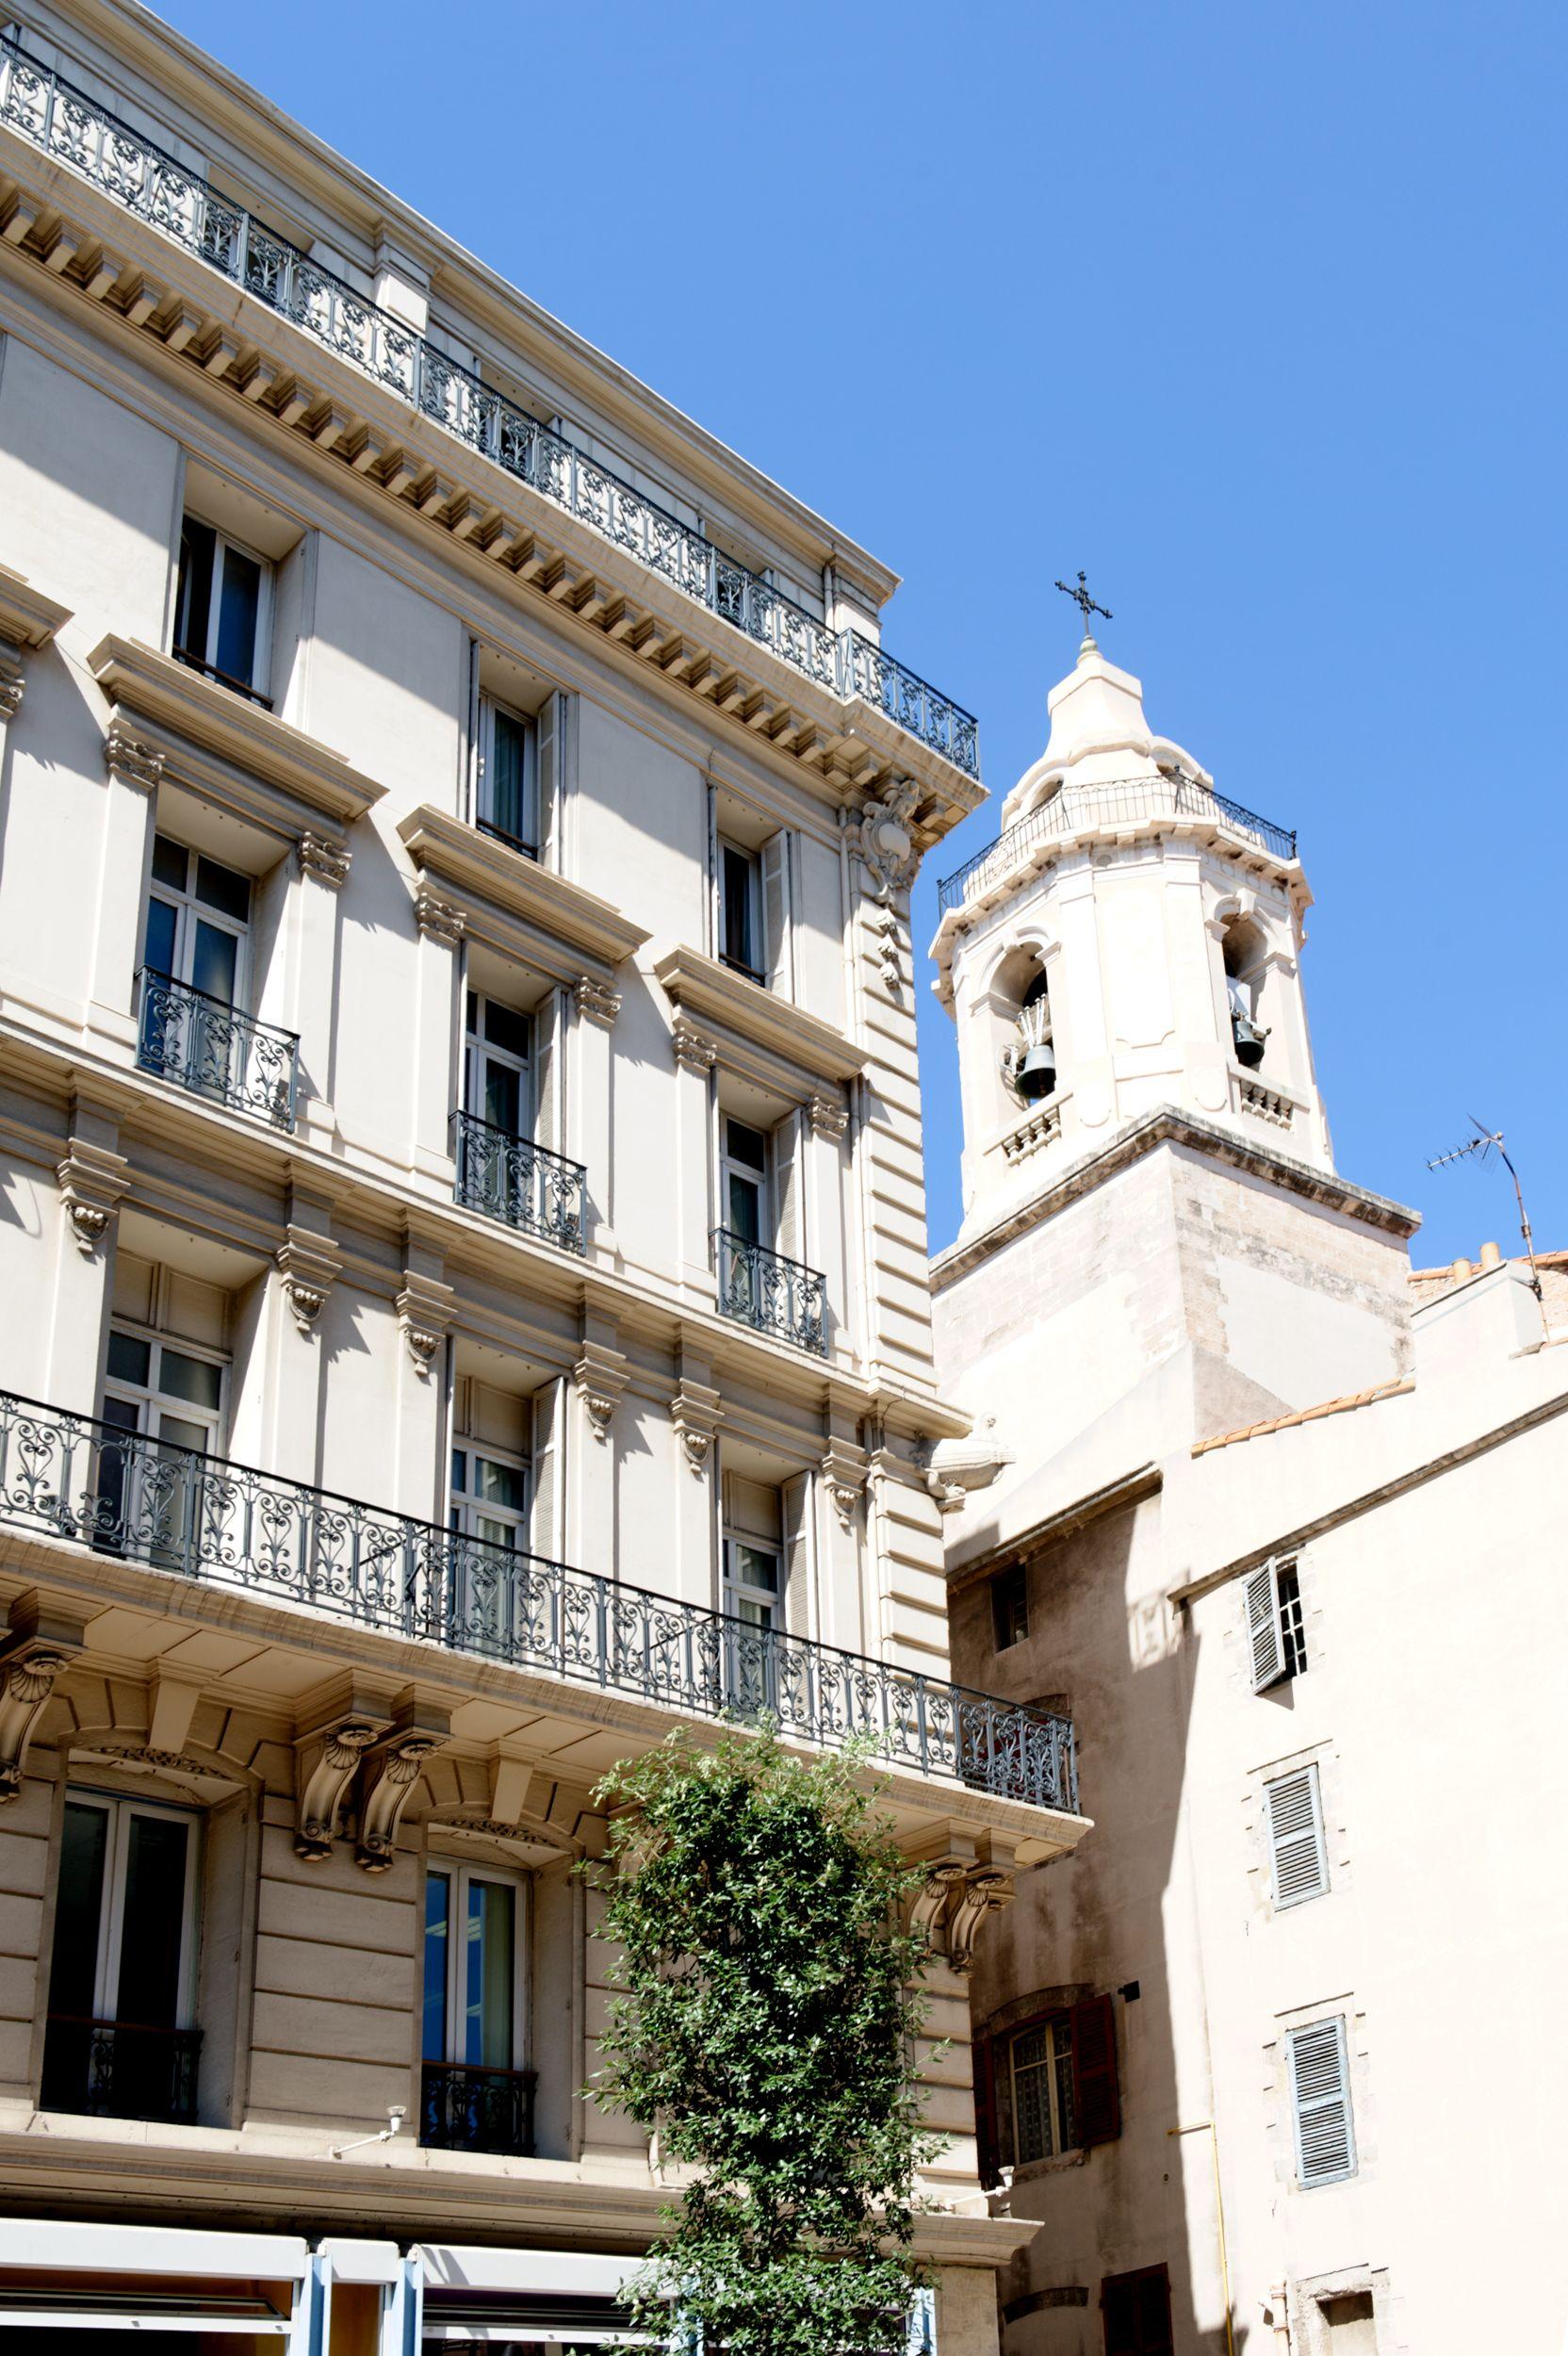 Le New Hotel Vieux Port De Marseille MarseilleI LOVE You - New hotel vieux port marseille